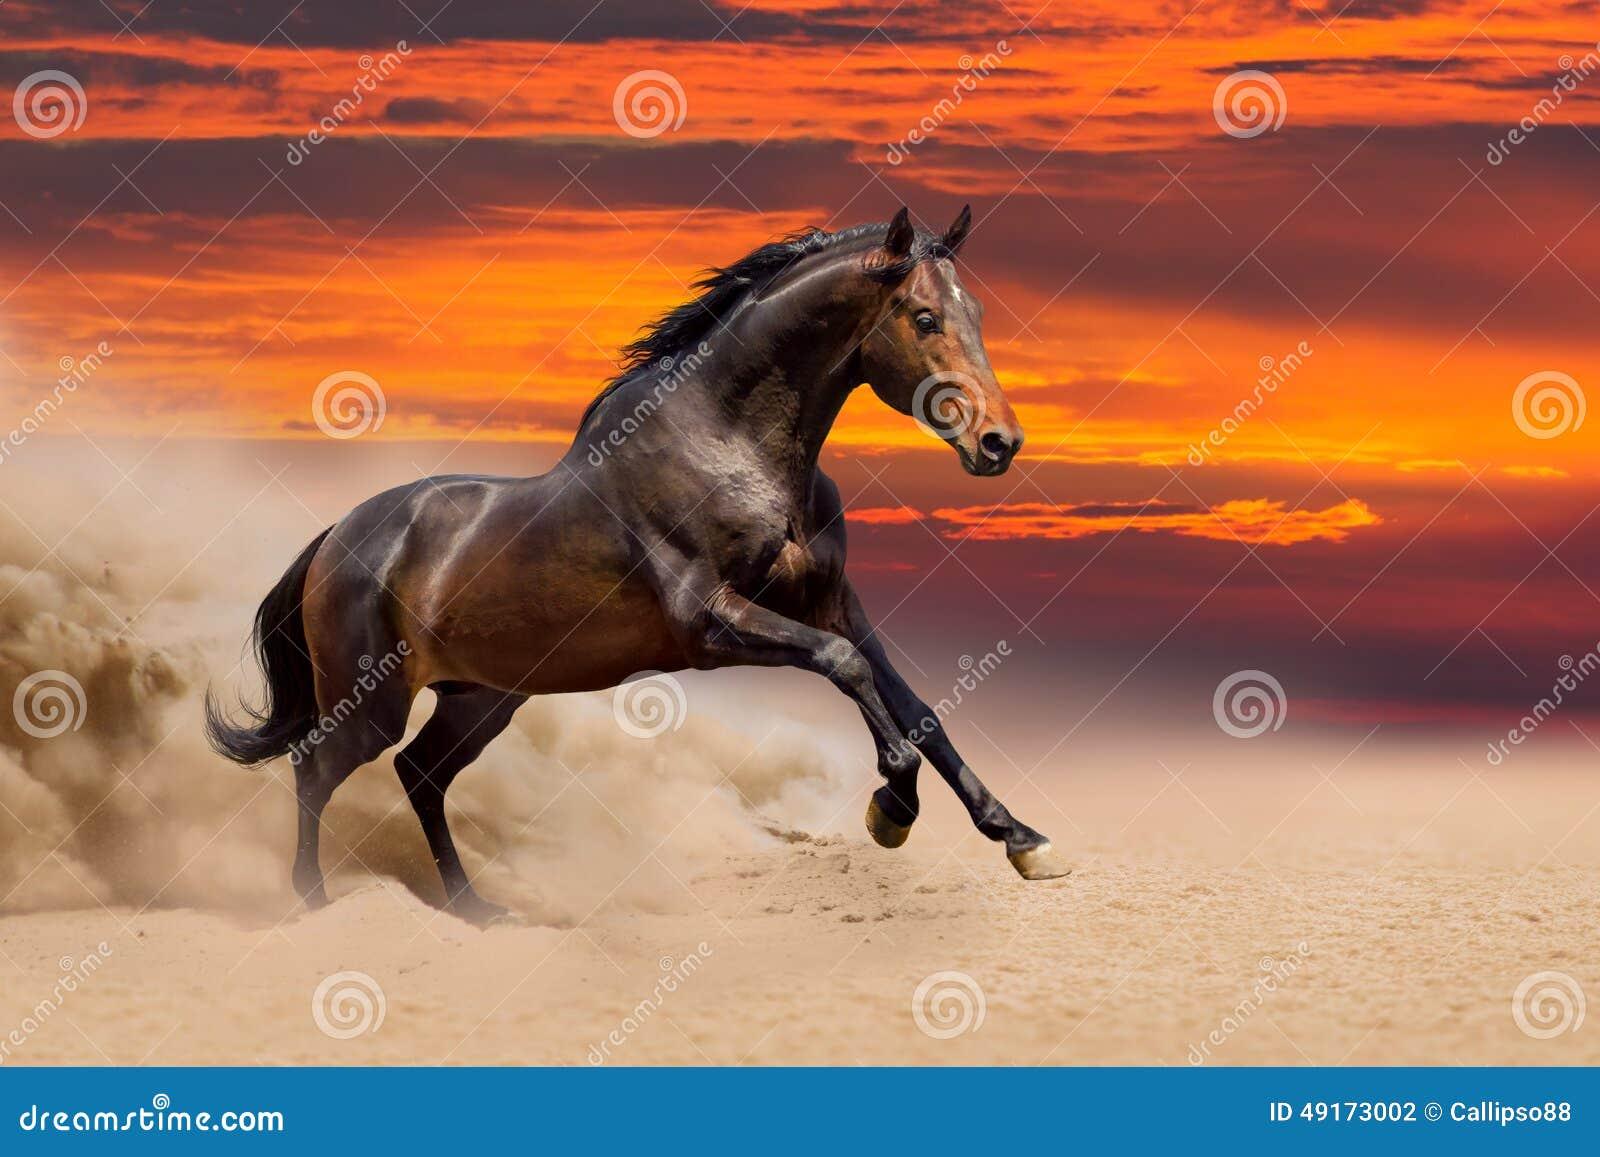 Cavallo di baia fatto funzionare in deserto